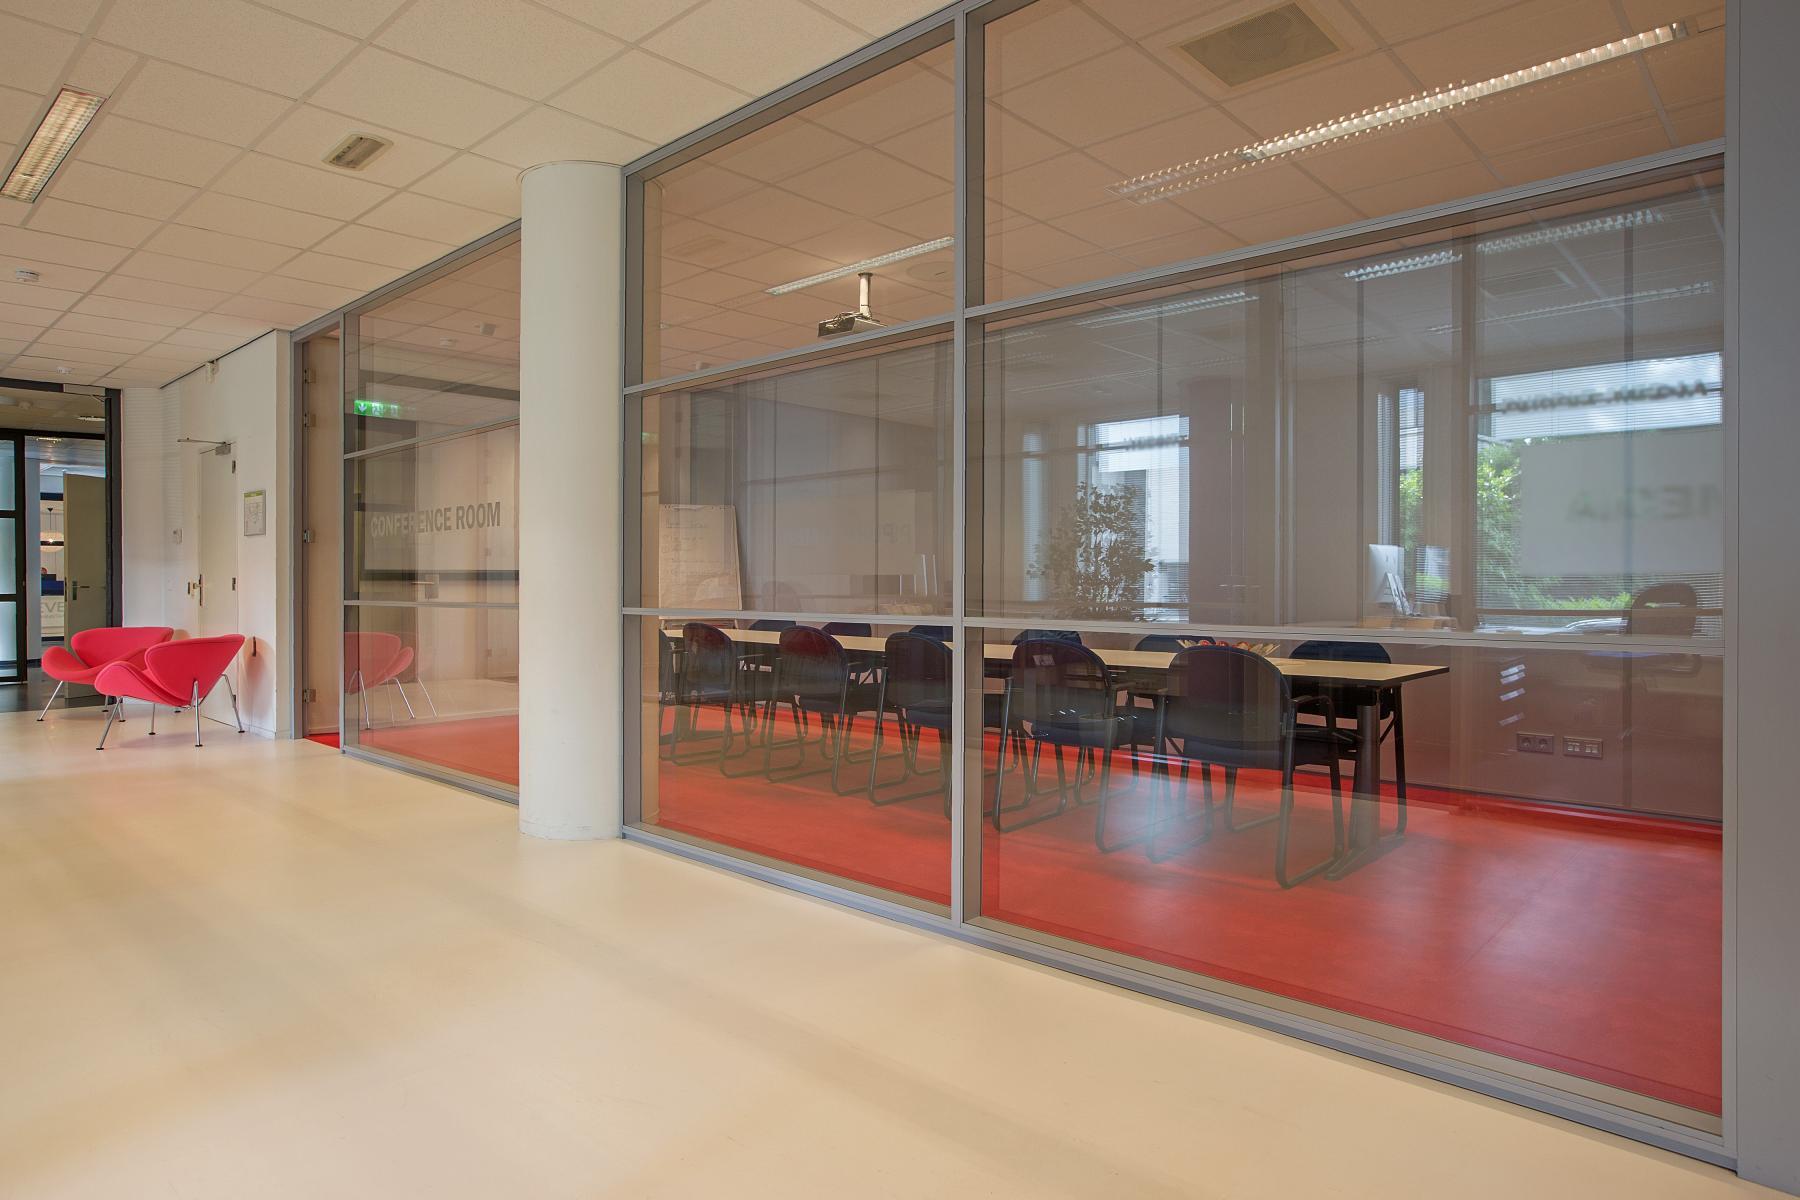 kantoorkamer huren aan amalialaan in baarn met conference room